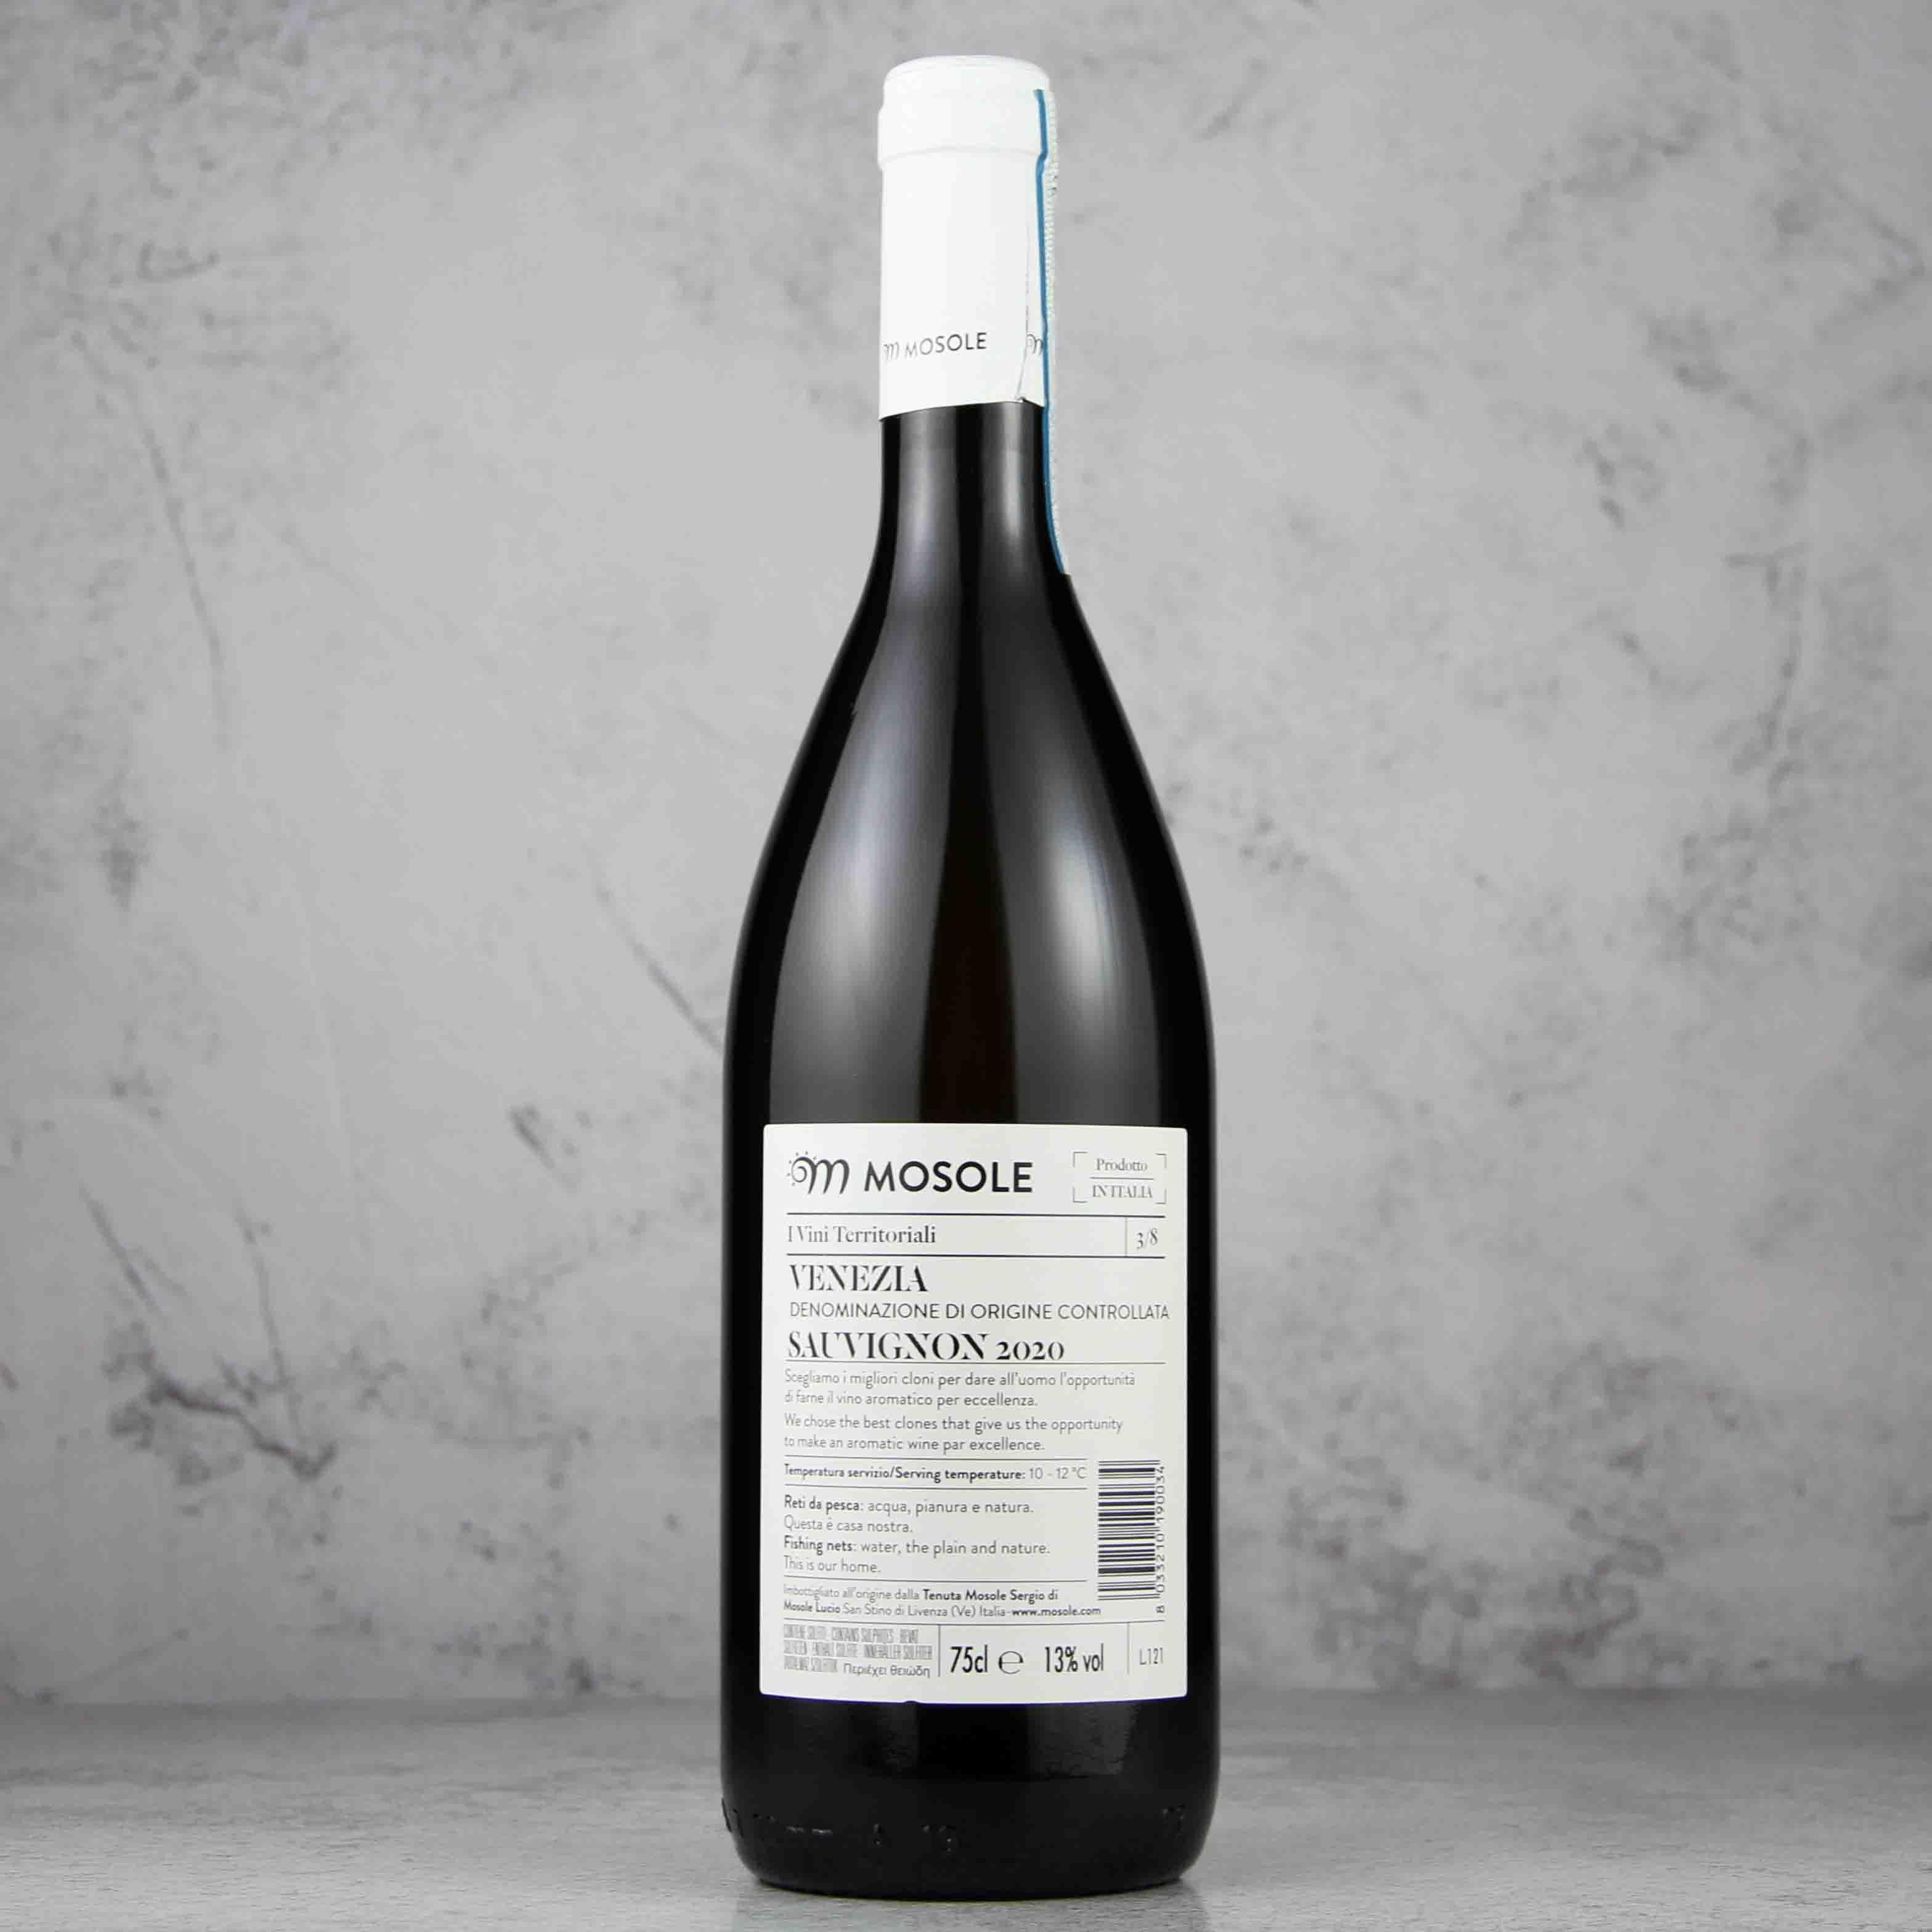 意大利威尼托莫斯勒长相思干白葡萄酒